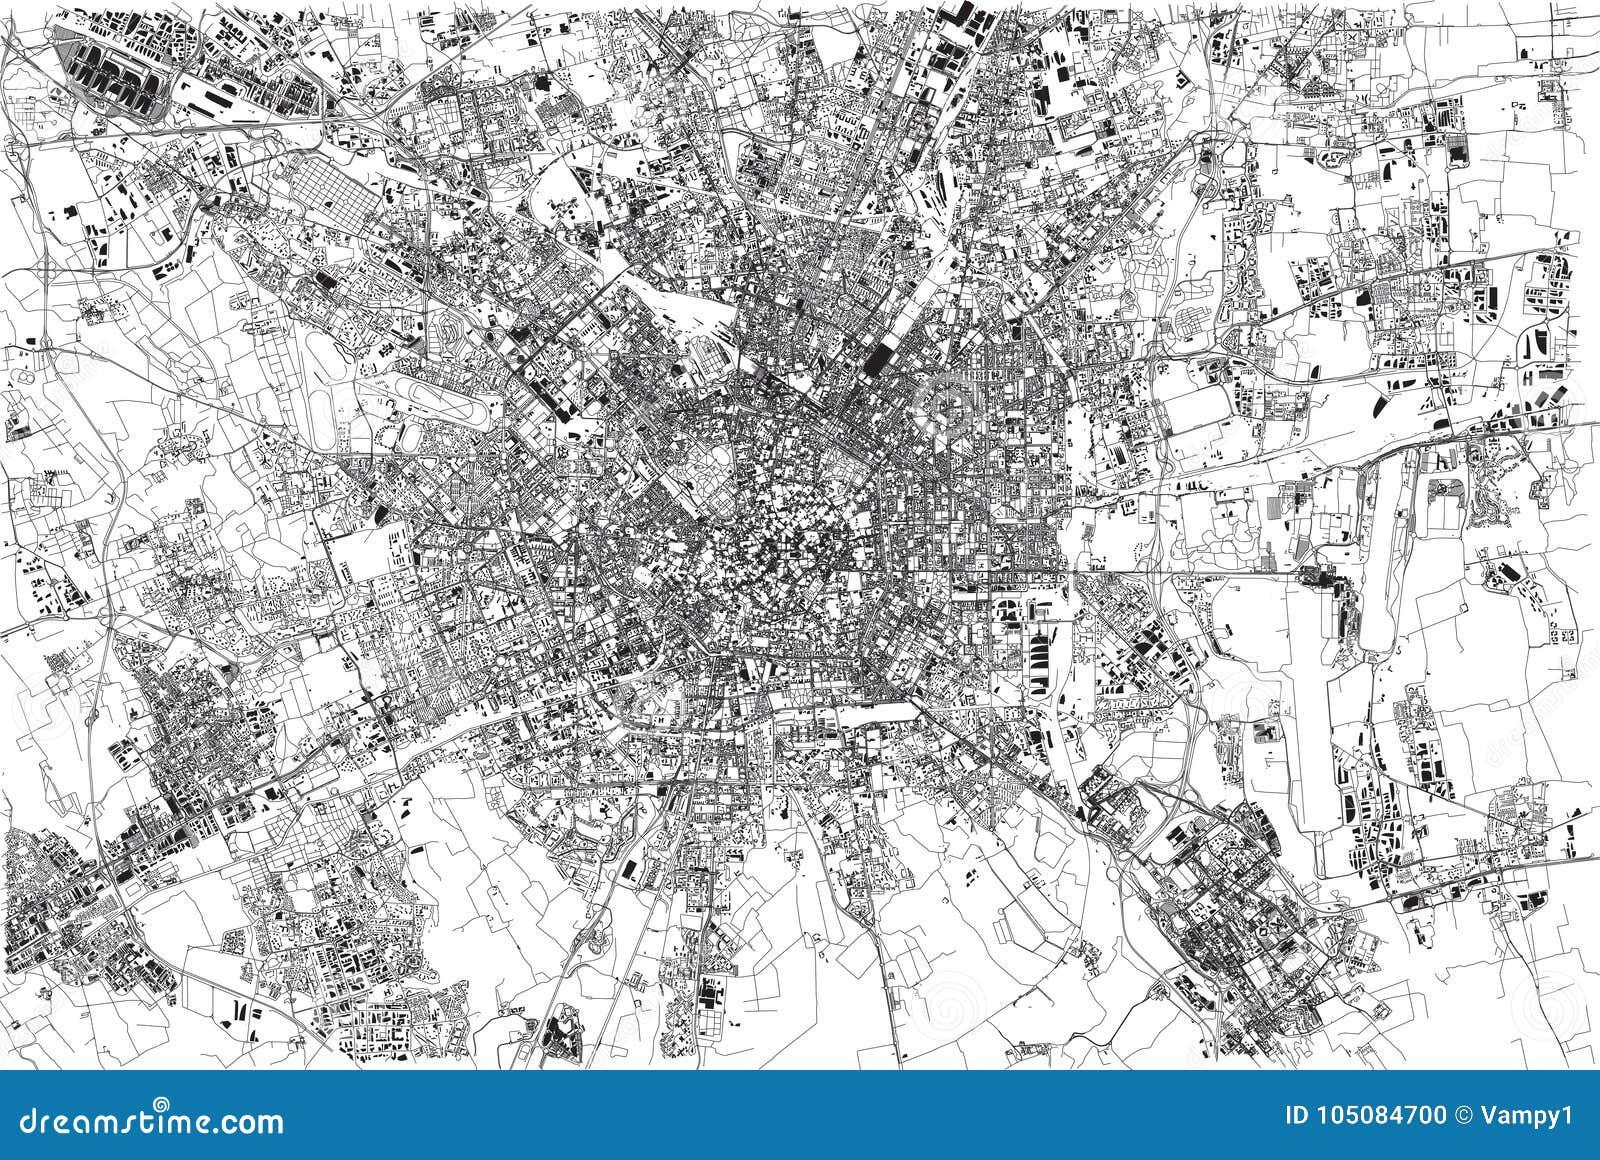 Cartina Satellitare Lombardia.Mappa Di Milano Citta Lombardia Italia Illustrazione Vettoriale Illustrazione Di Durante Aeroplano 105084700